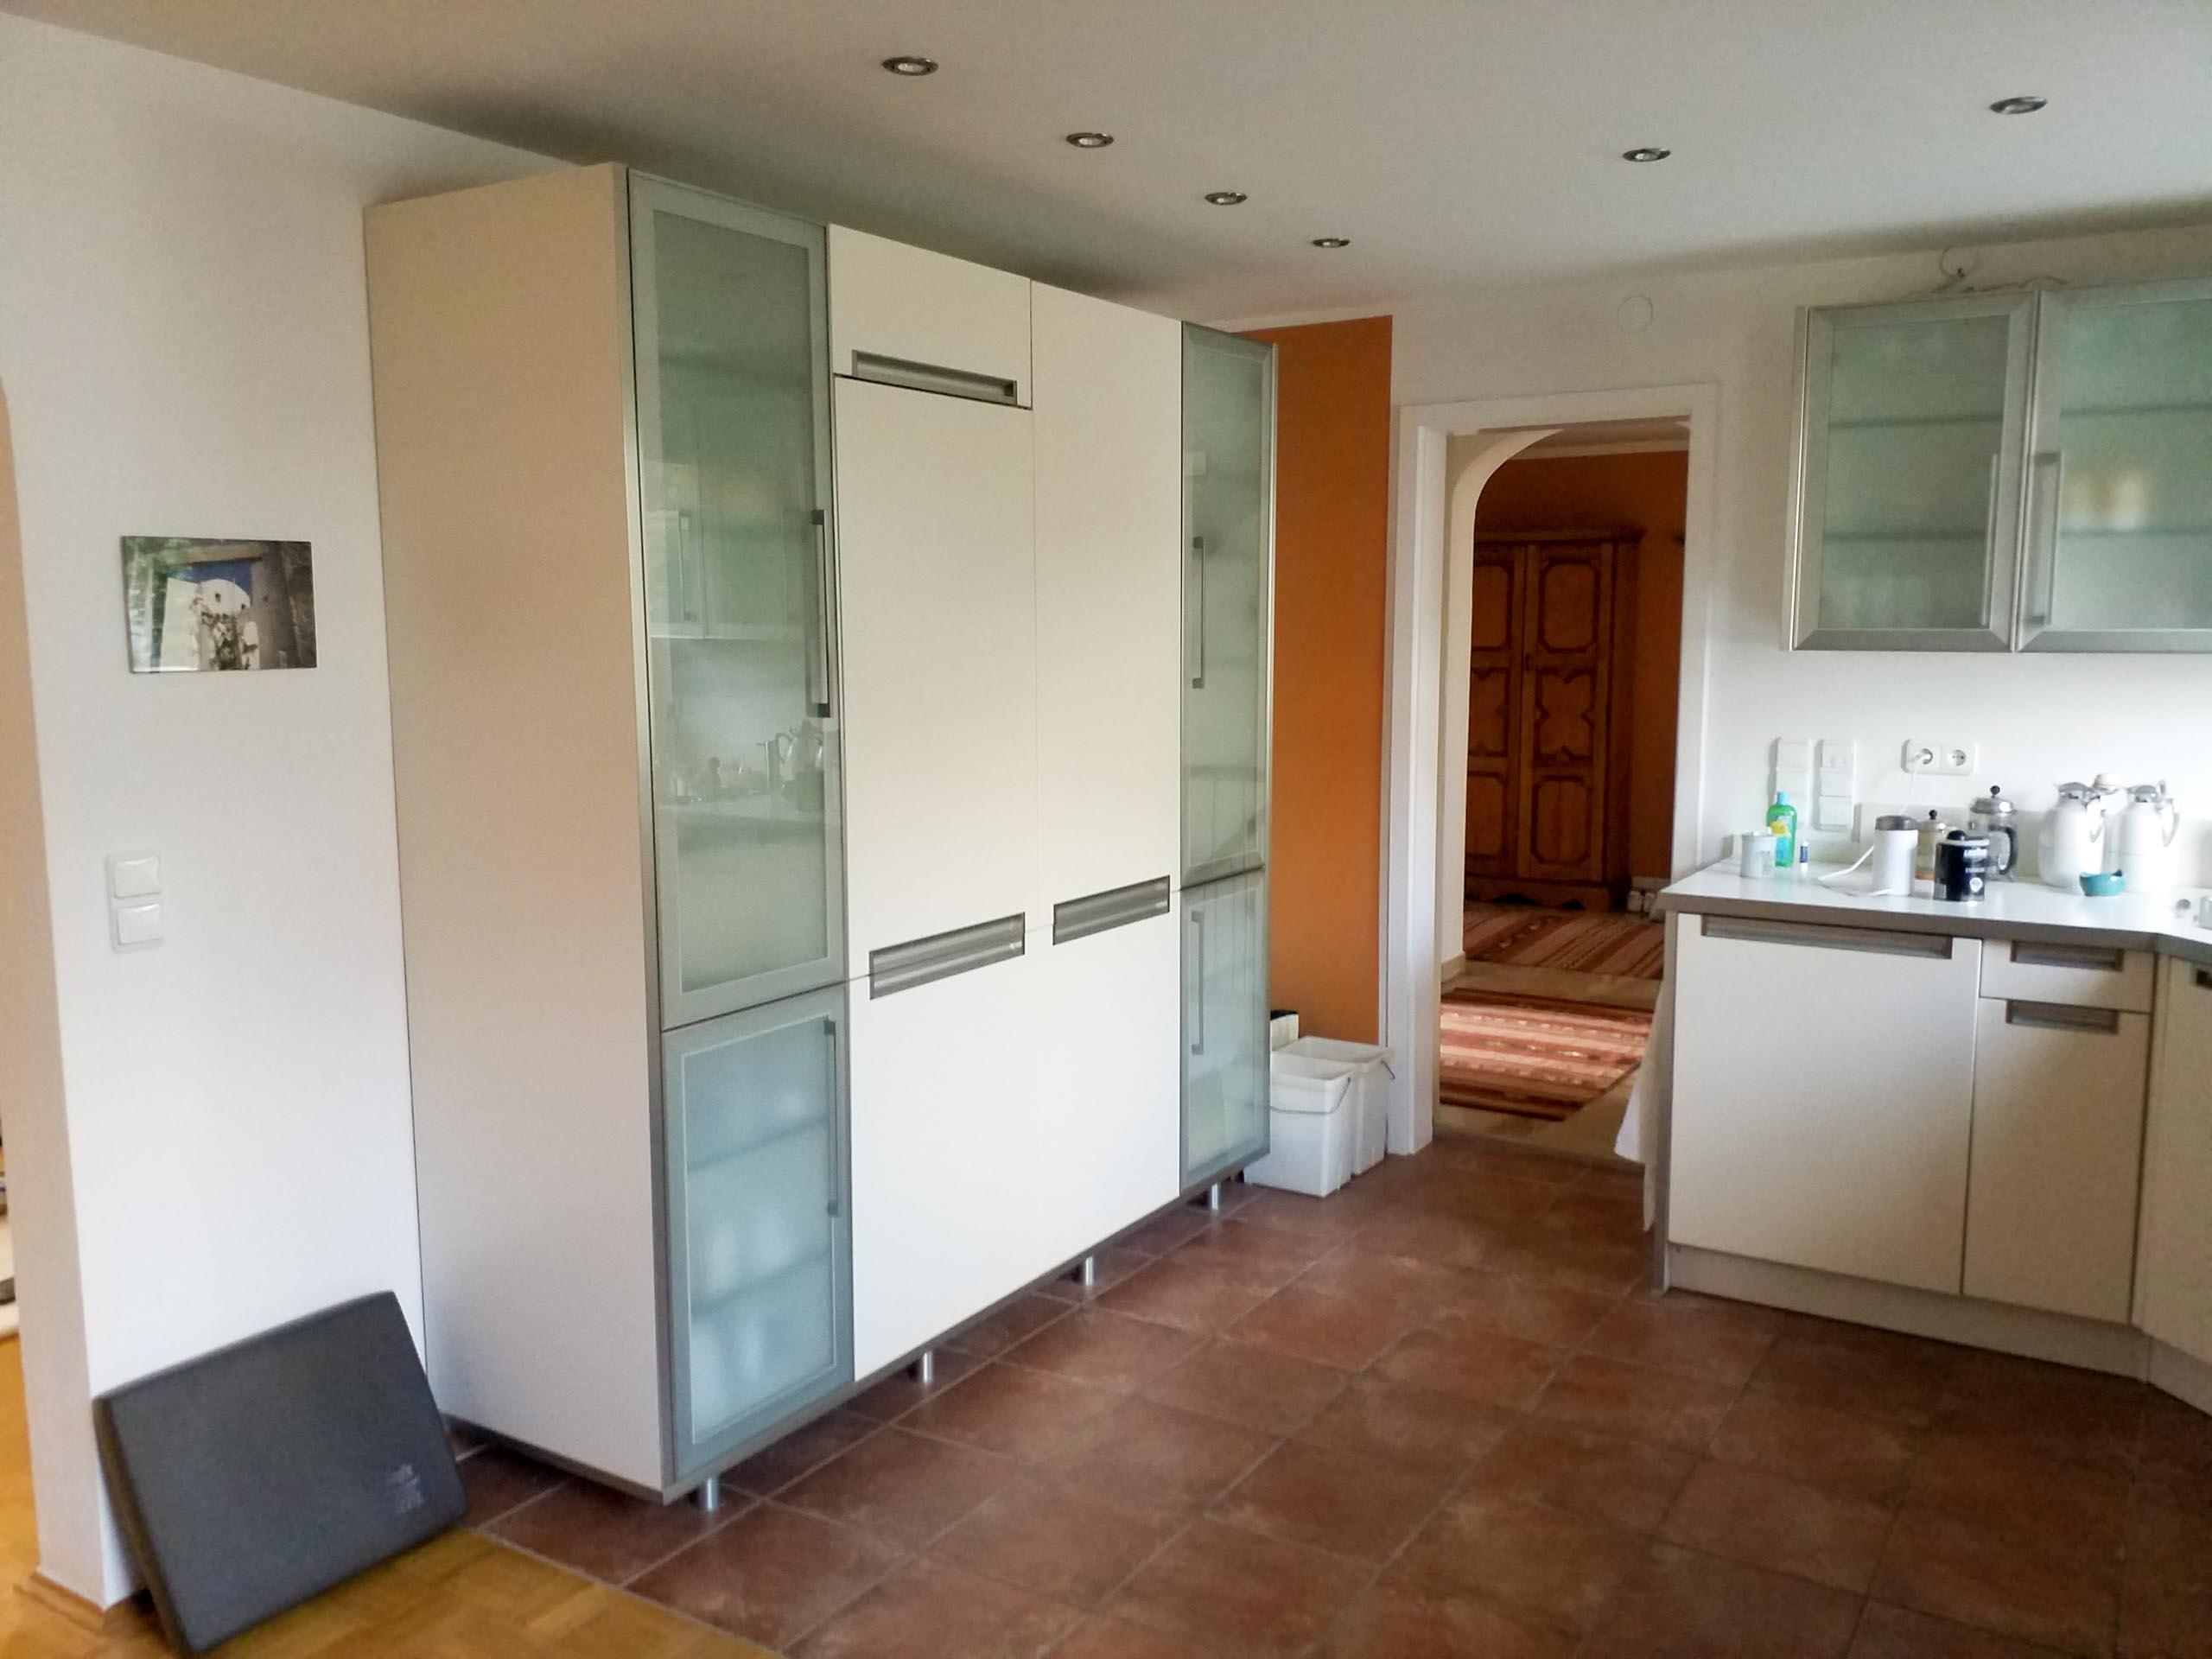 HA 2020 5 kitchen 001